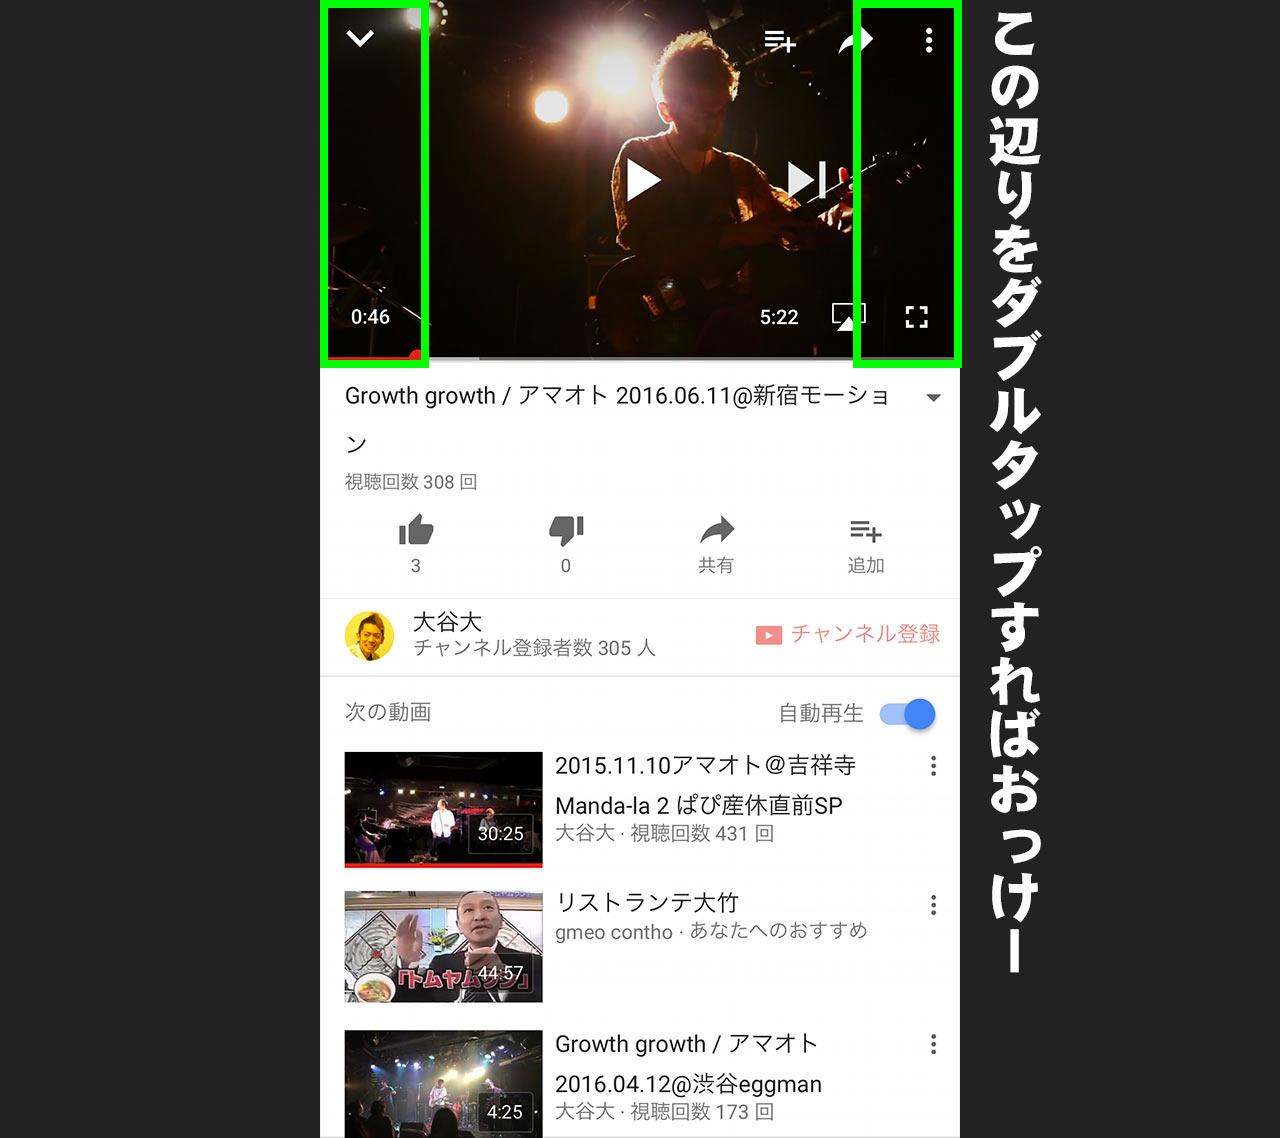 スマホのYouTubeアプリで10秒早送りと10秒巻き戻しを縦画面で